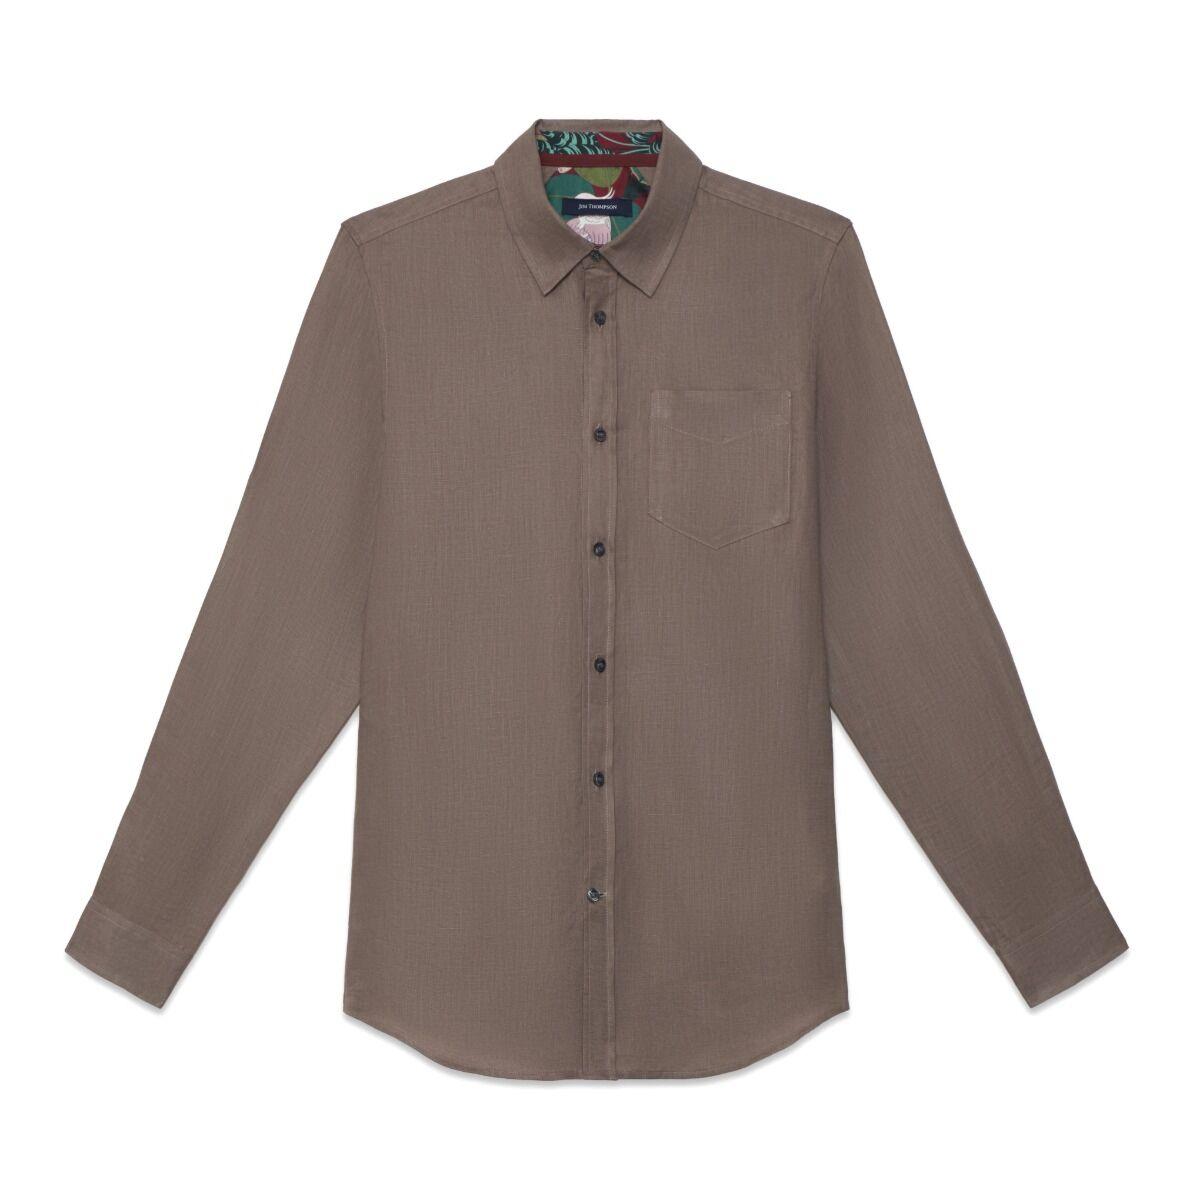 Solid Linen Shirt - Khaki